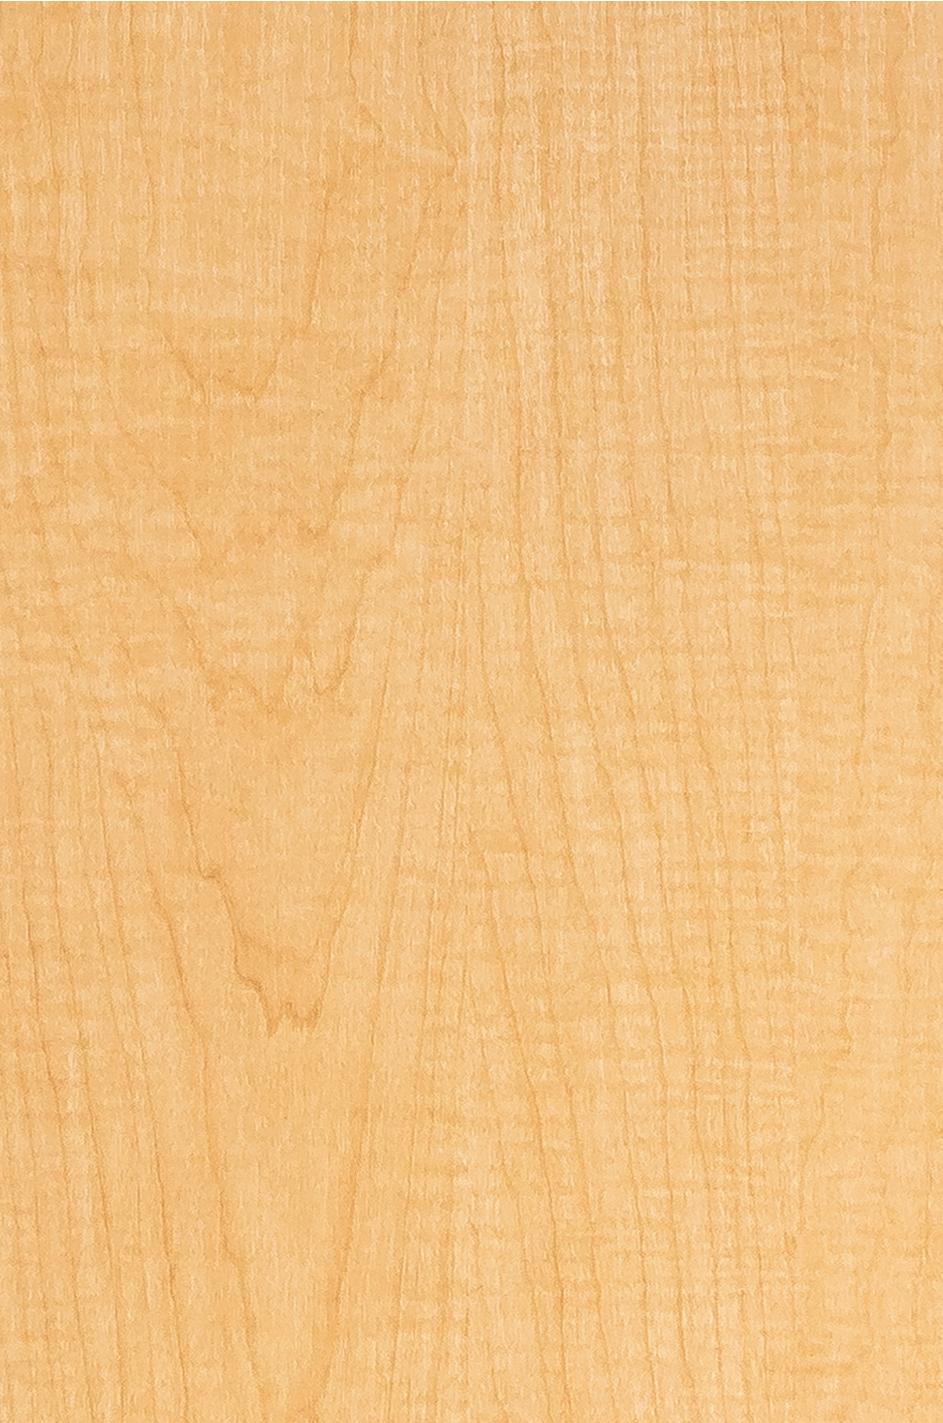 Maple MPL W02140